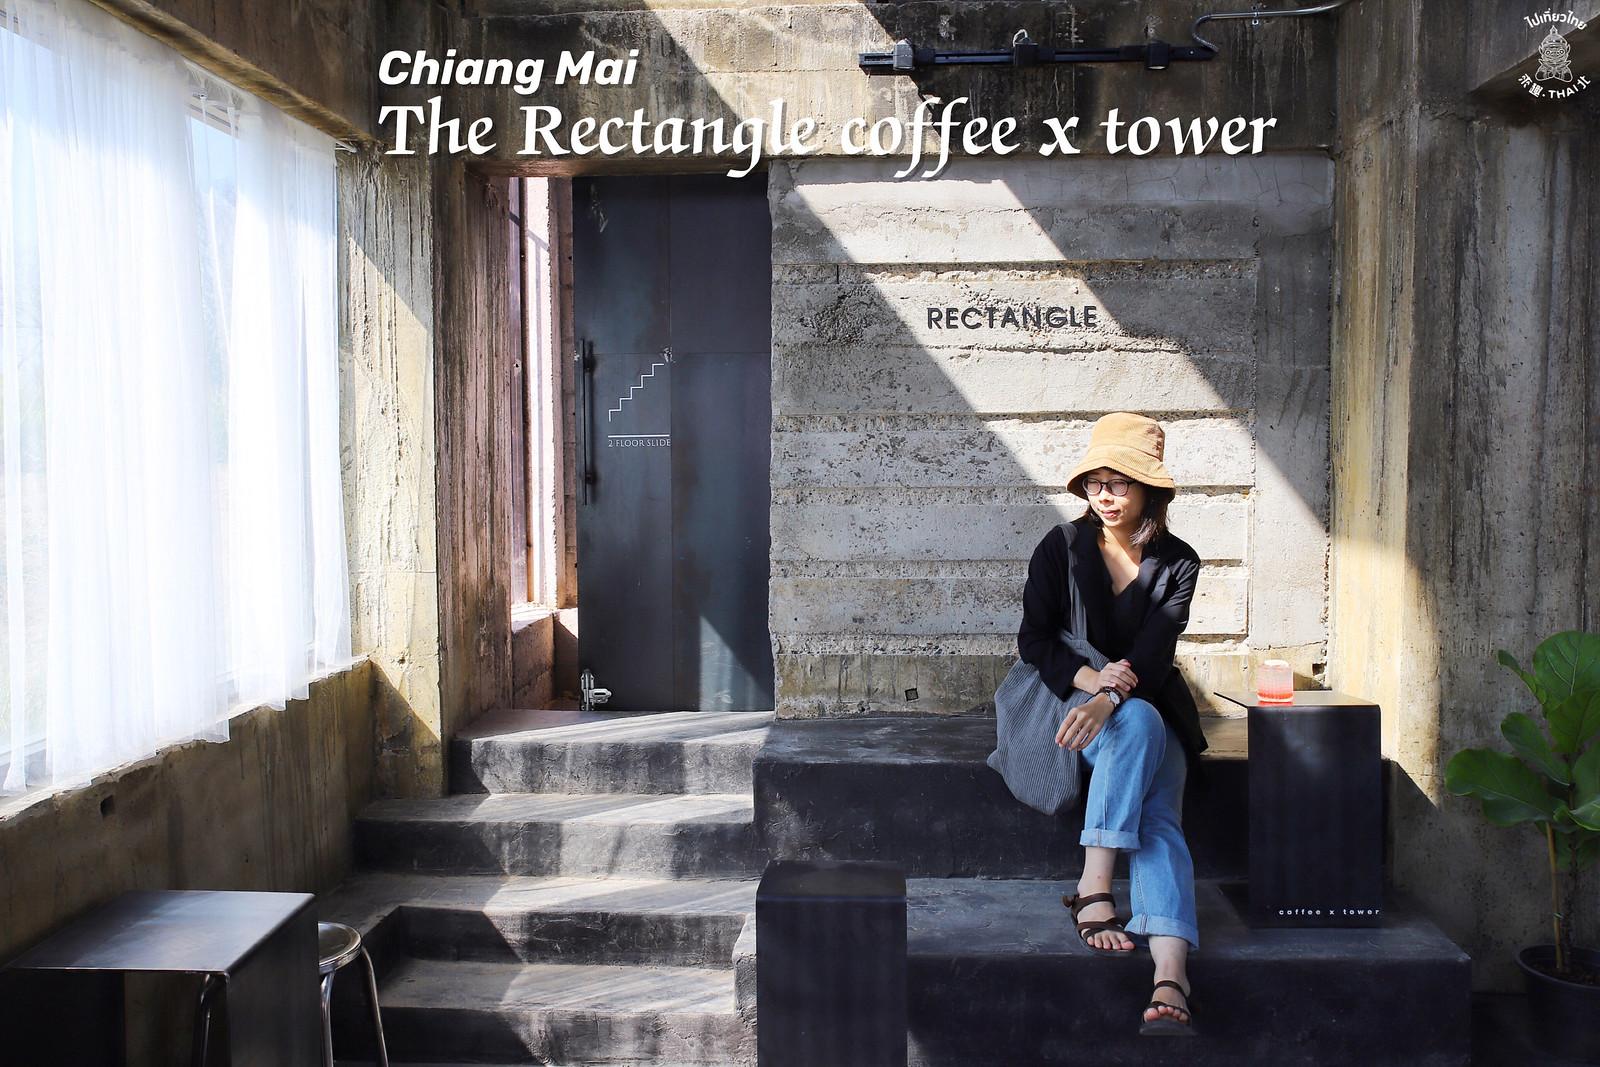 清邁超特色清水建築咖啡館The Rectangle coffee x tower